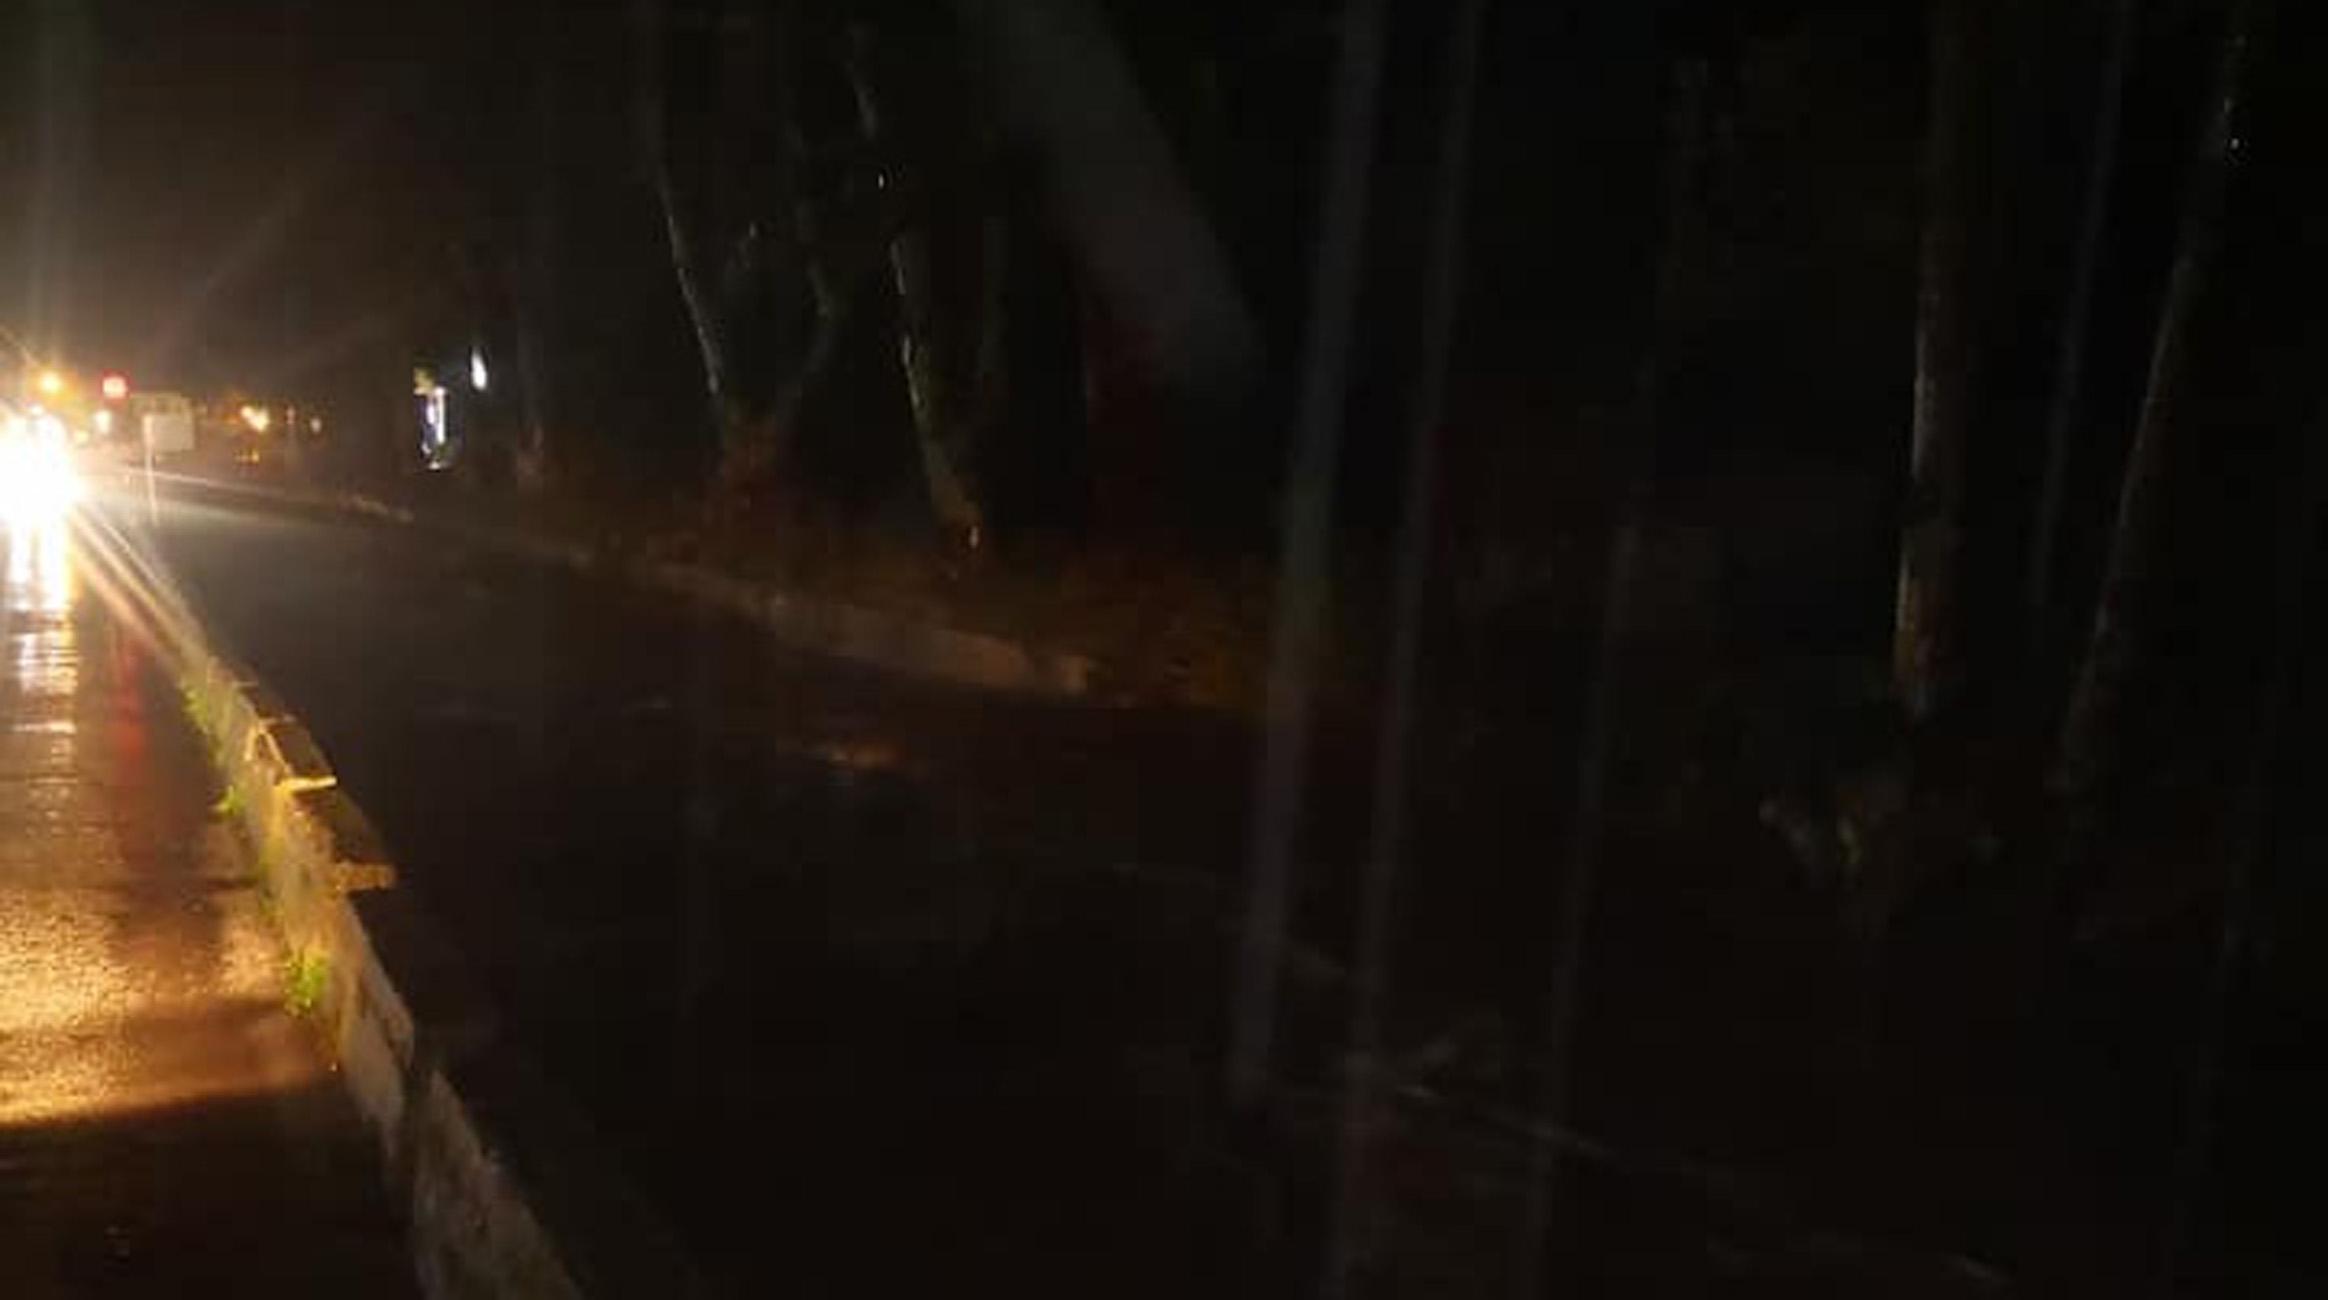 Λέσβος: Δύσκολη νύχτα στην Καλλονή, «έσπασε» ο Τσικνιάς /ΒΙΝΤΕΟ